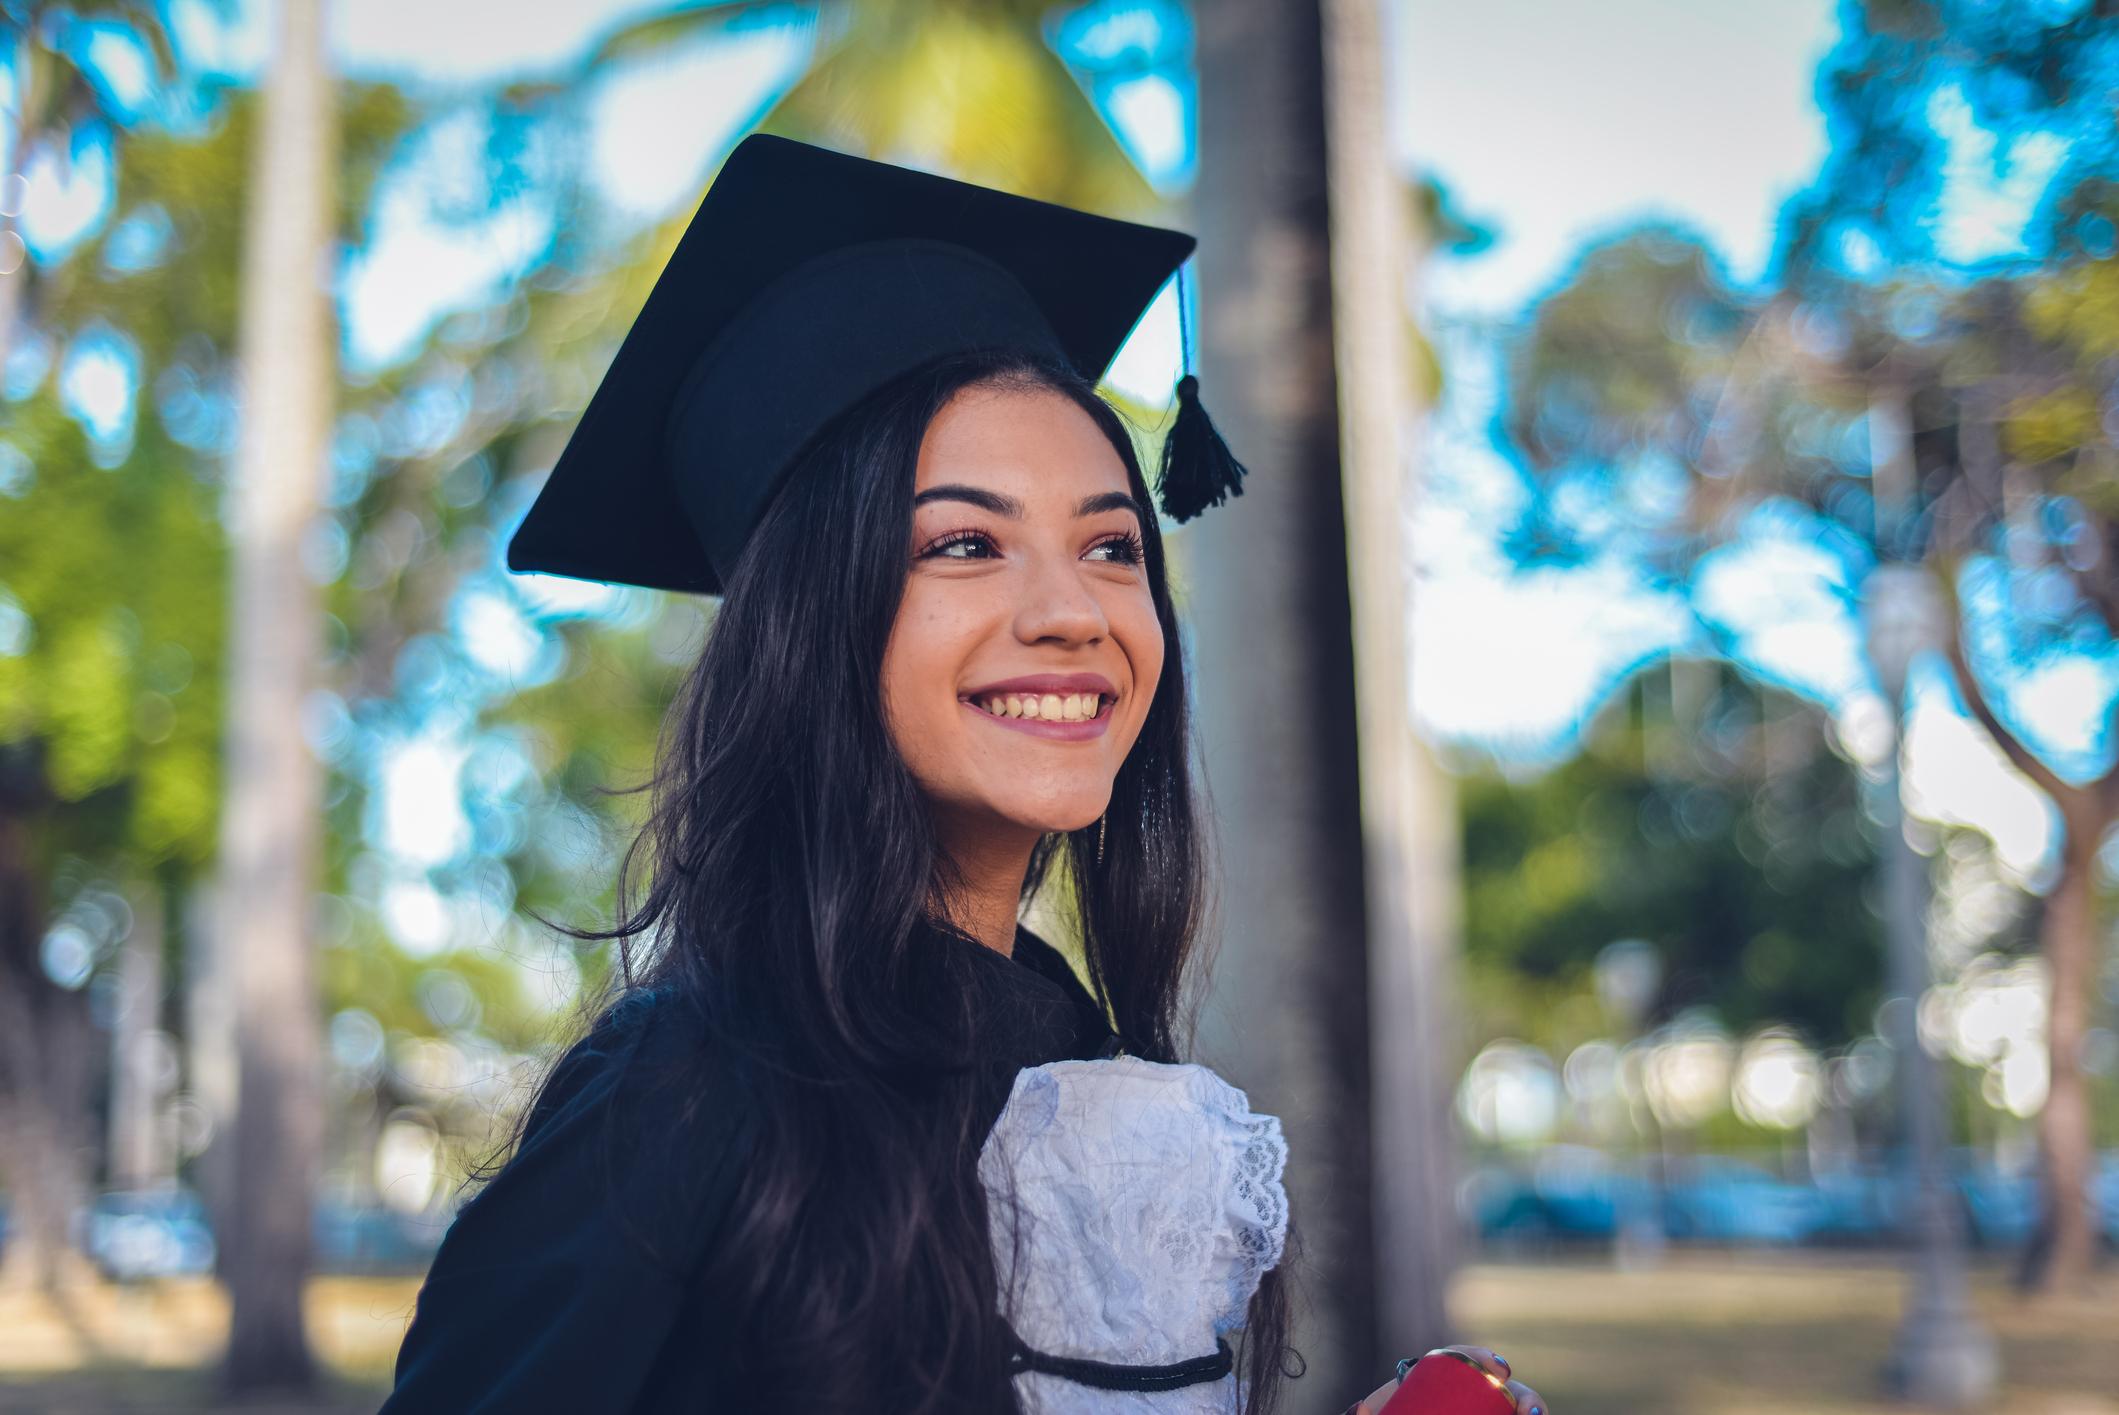 Estudante concluindo curso de nível superior, após ingressar na faculdade por meio do SiSU